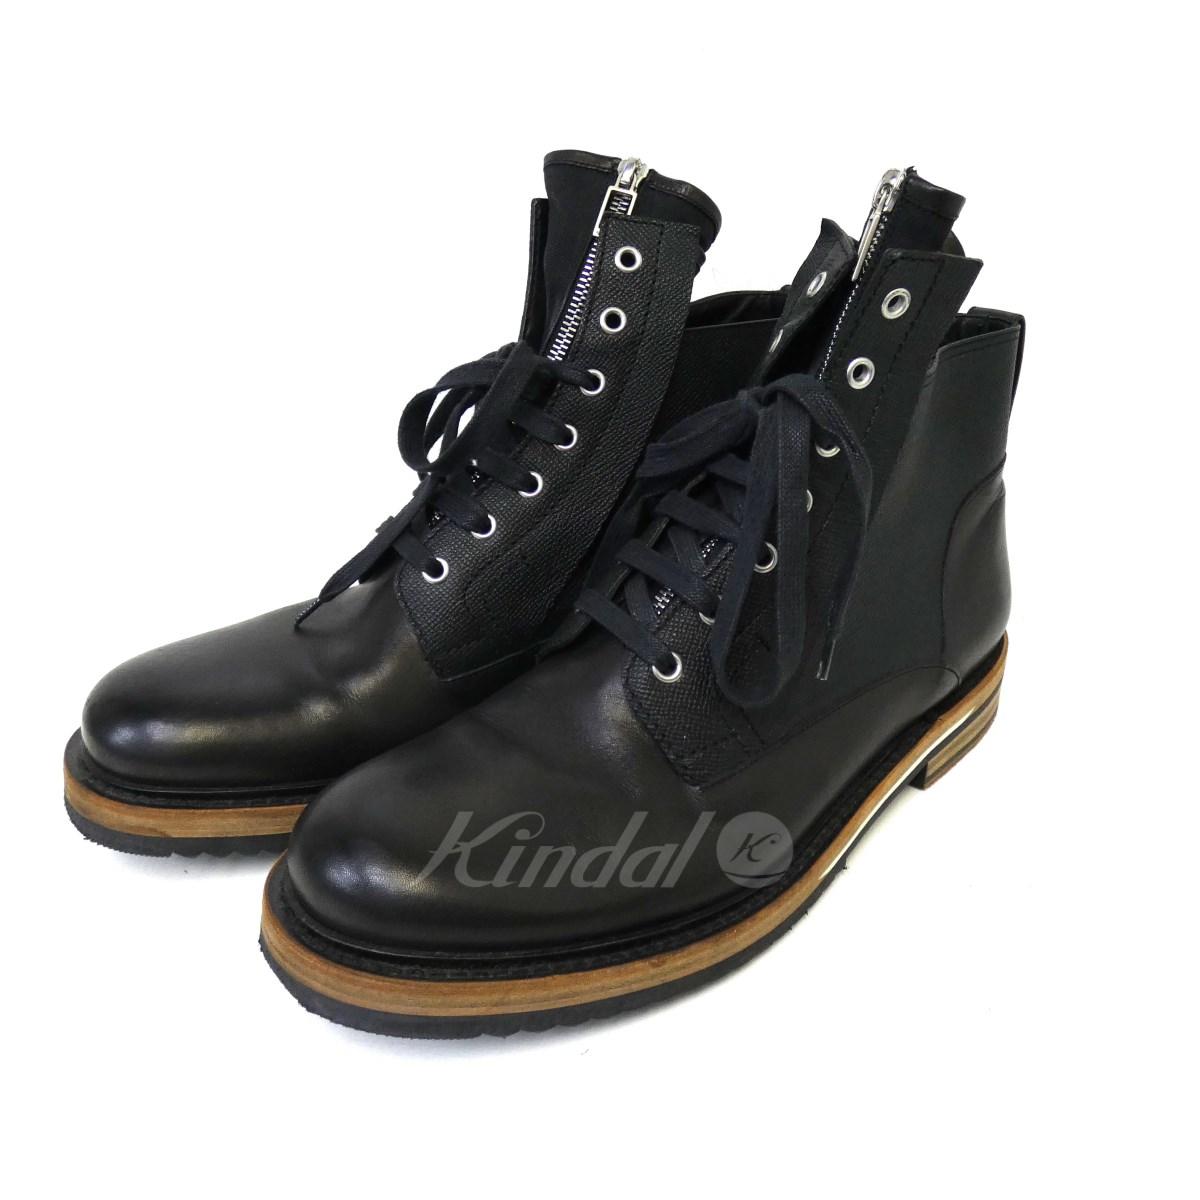 【10月15日 お値段見直しました】【中古】Dior Homme12SS コンビレザーセンタージップブーツ ブラック サイズ:44 【送料無料】